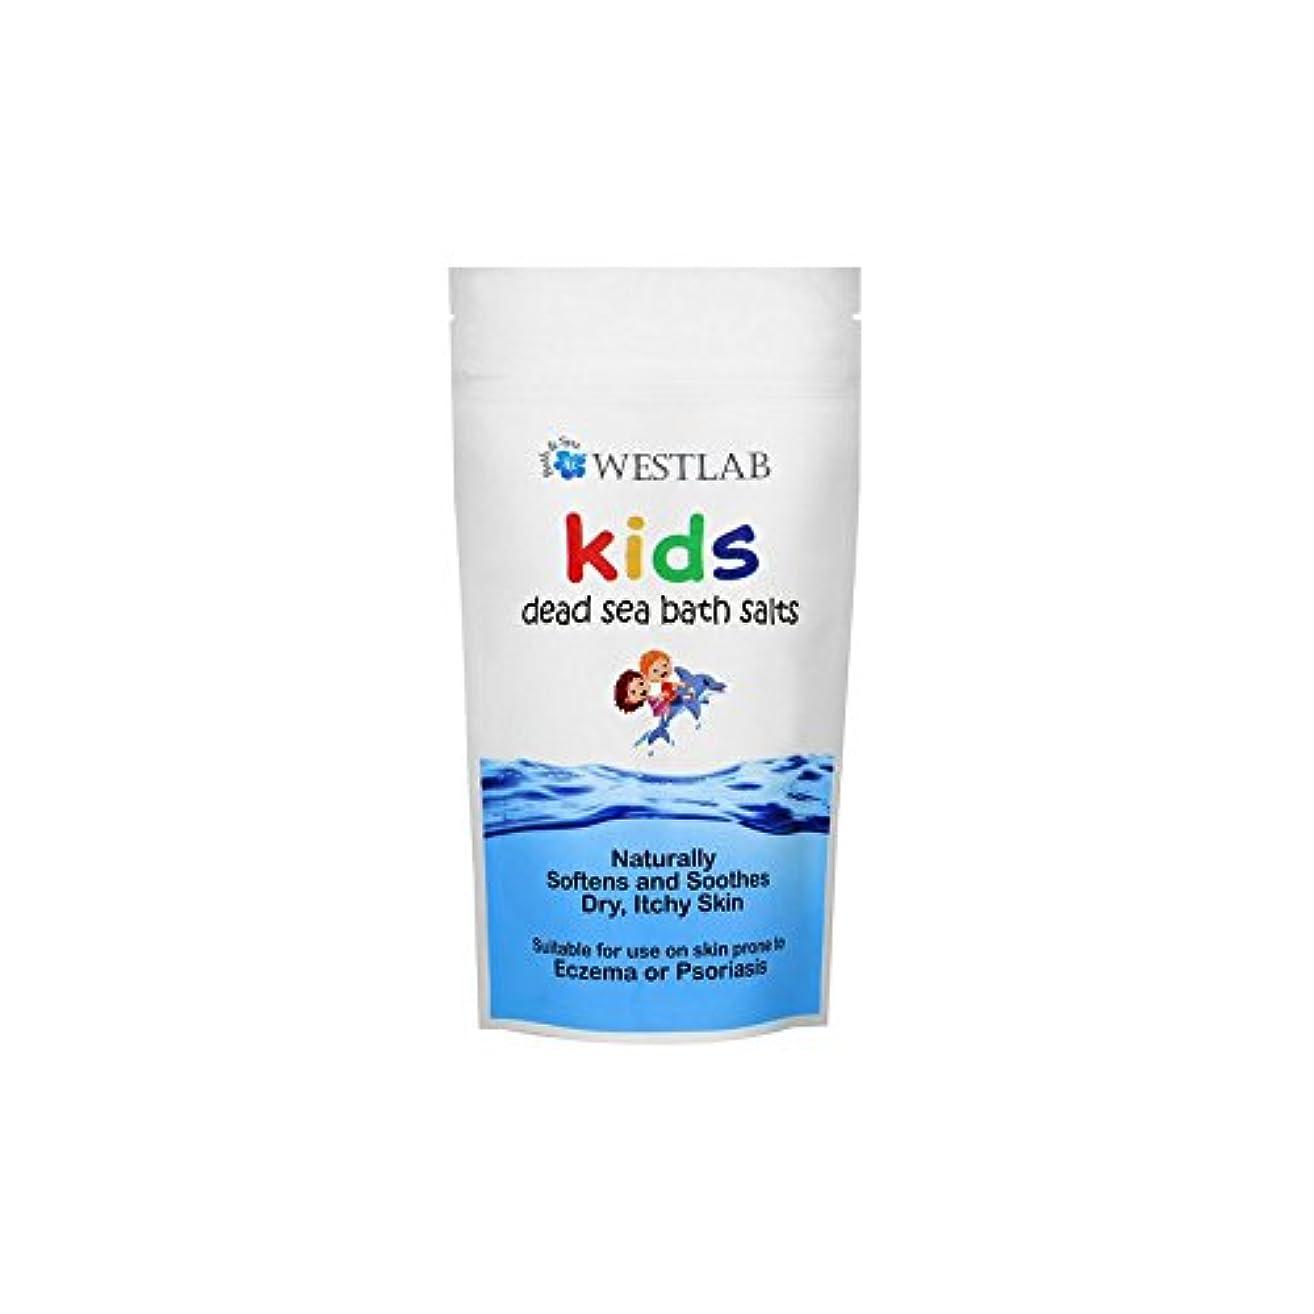 才能のある息子自己尊重Westlab Kids Dead Sea Salt - 子供死海の塩 [並行輸入品]